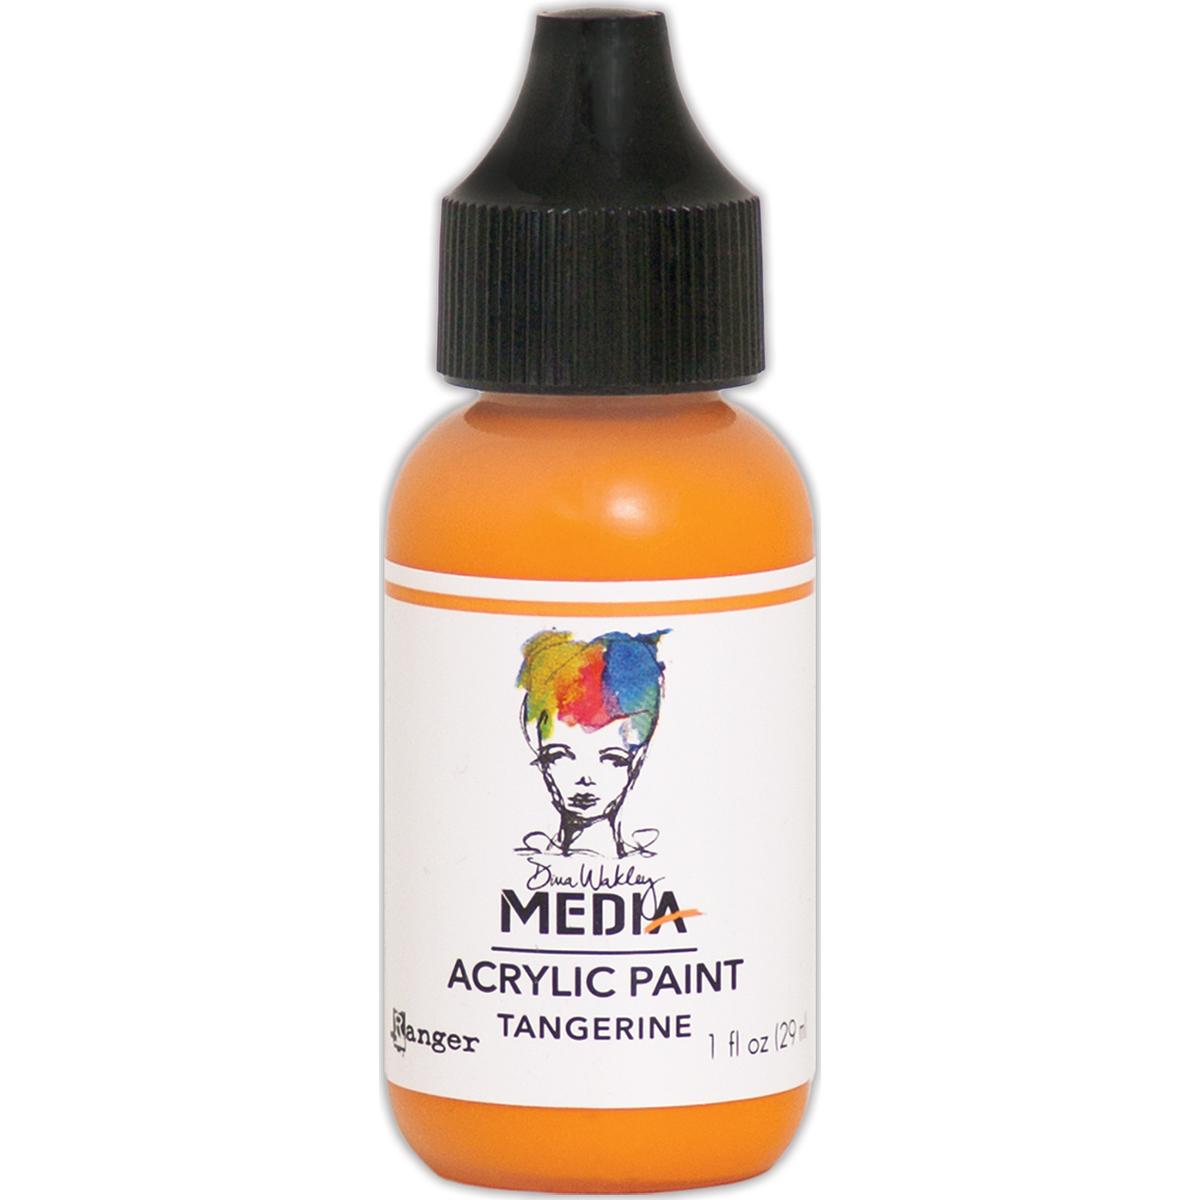 Dina Wakley Media Acrylic Paint 1oz-Tangerine